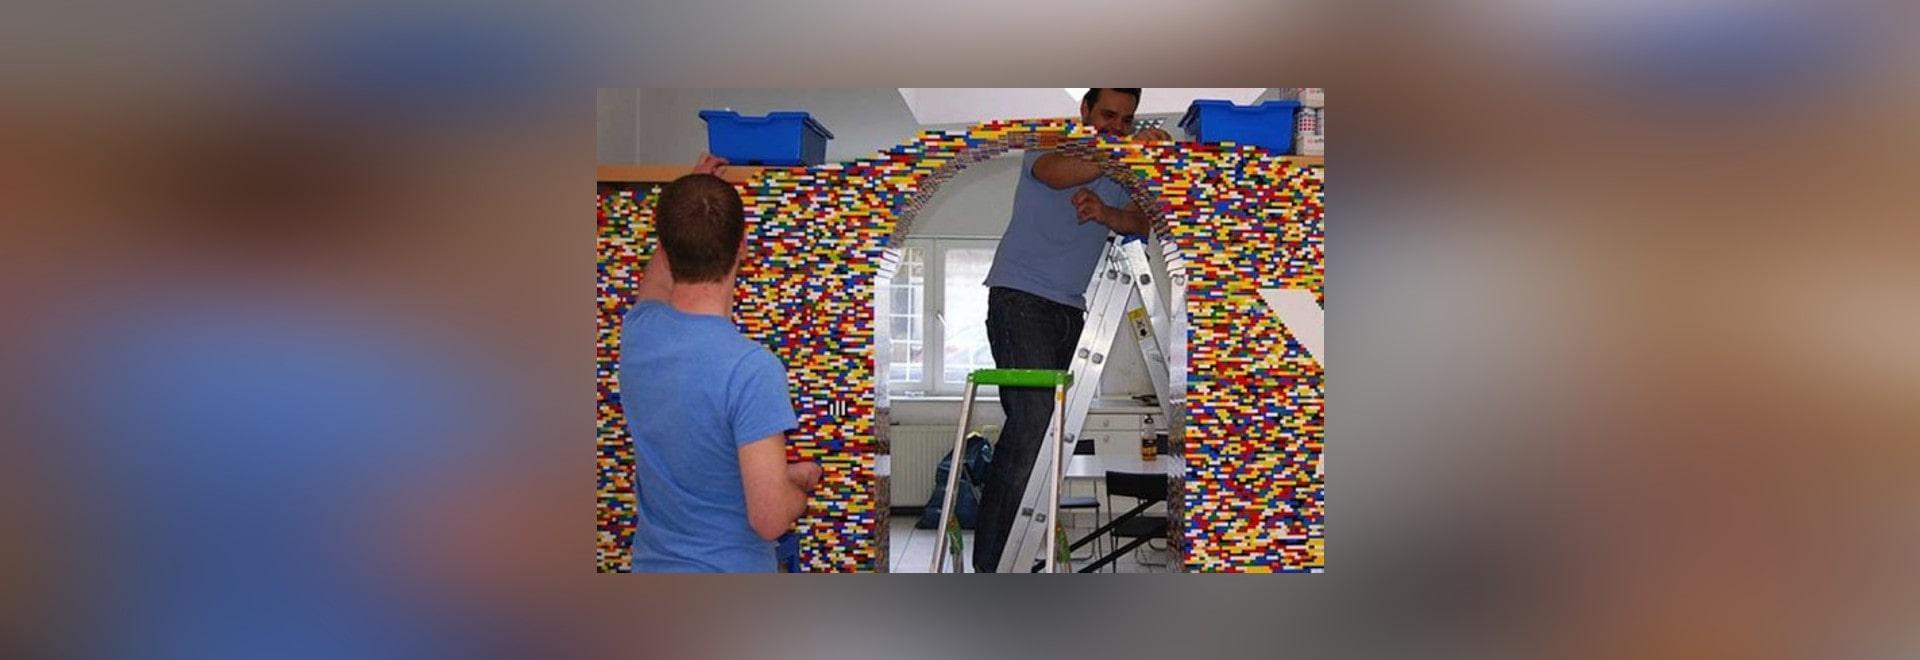 Creer Un Mur Photo npire emploie 55.000 legos pour créer un mur génial de